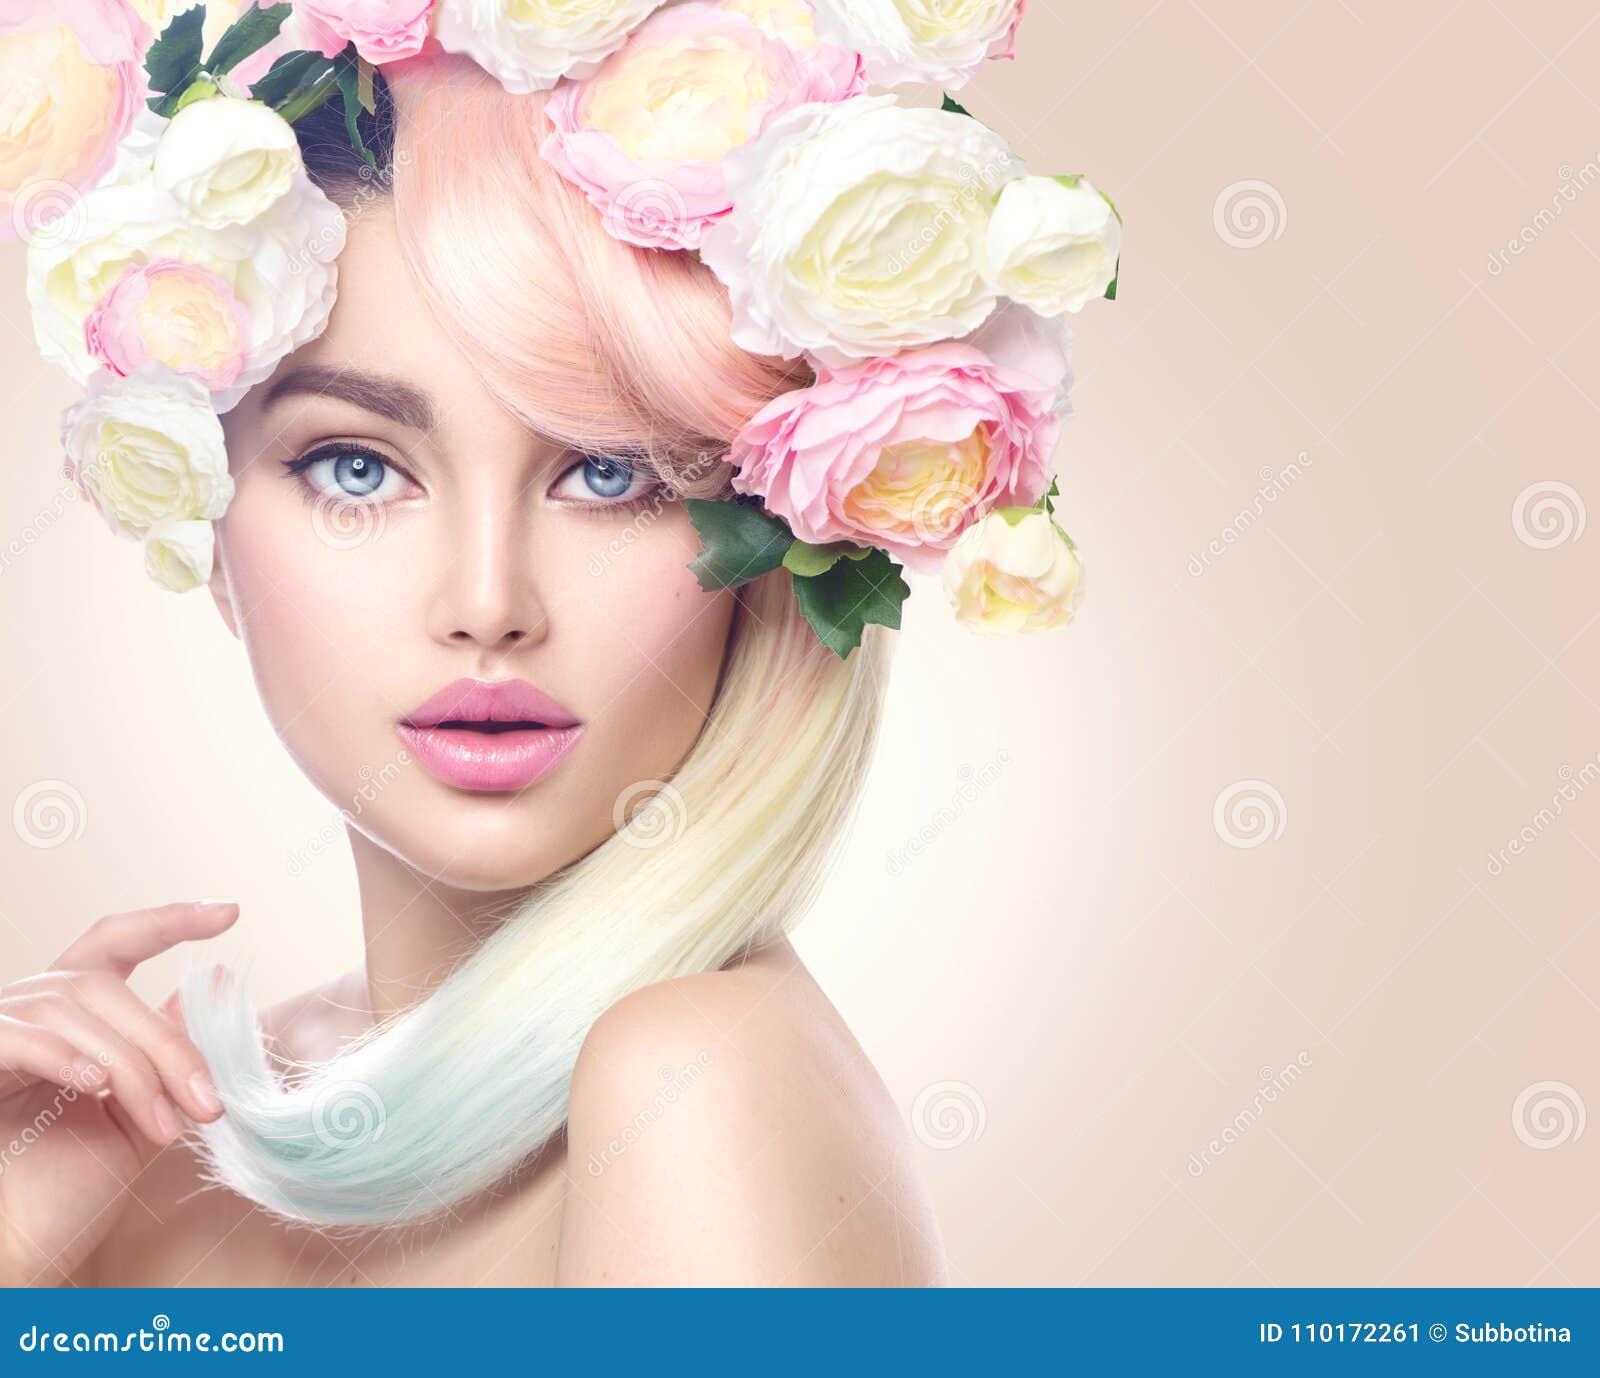 La fille modèle de beauté avec les fleurs colorées tressent et les cheveux colorés Fleurit la coiffure